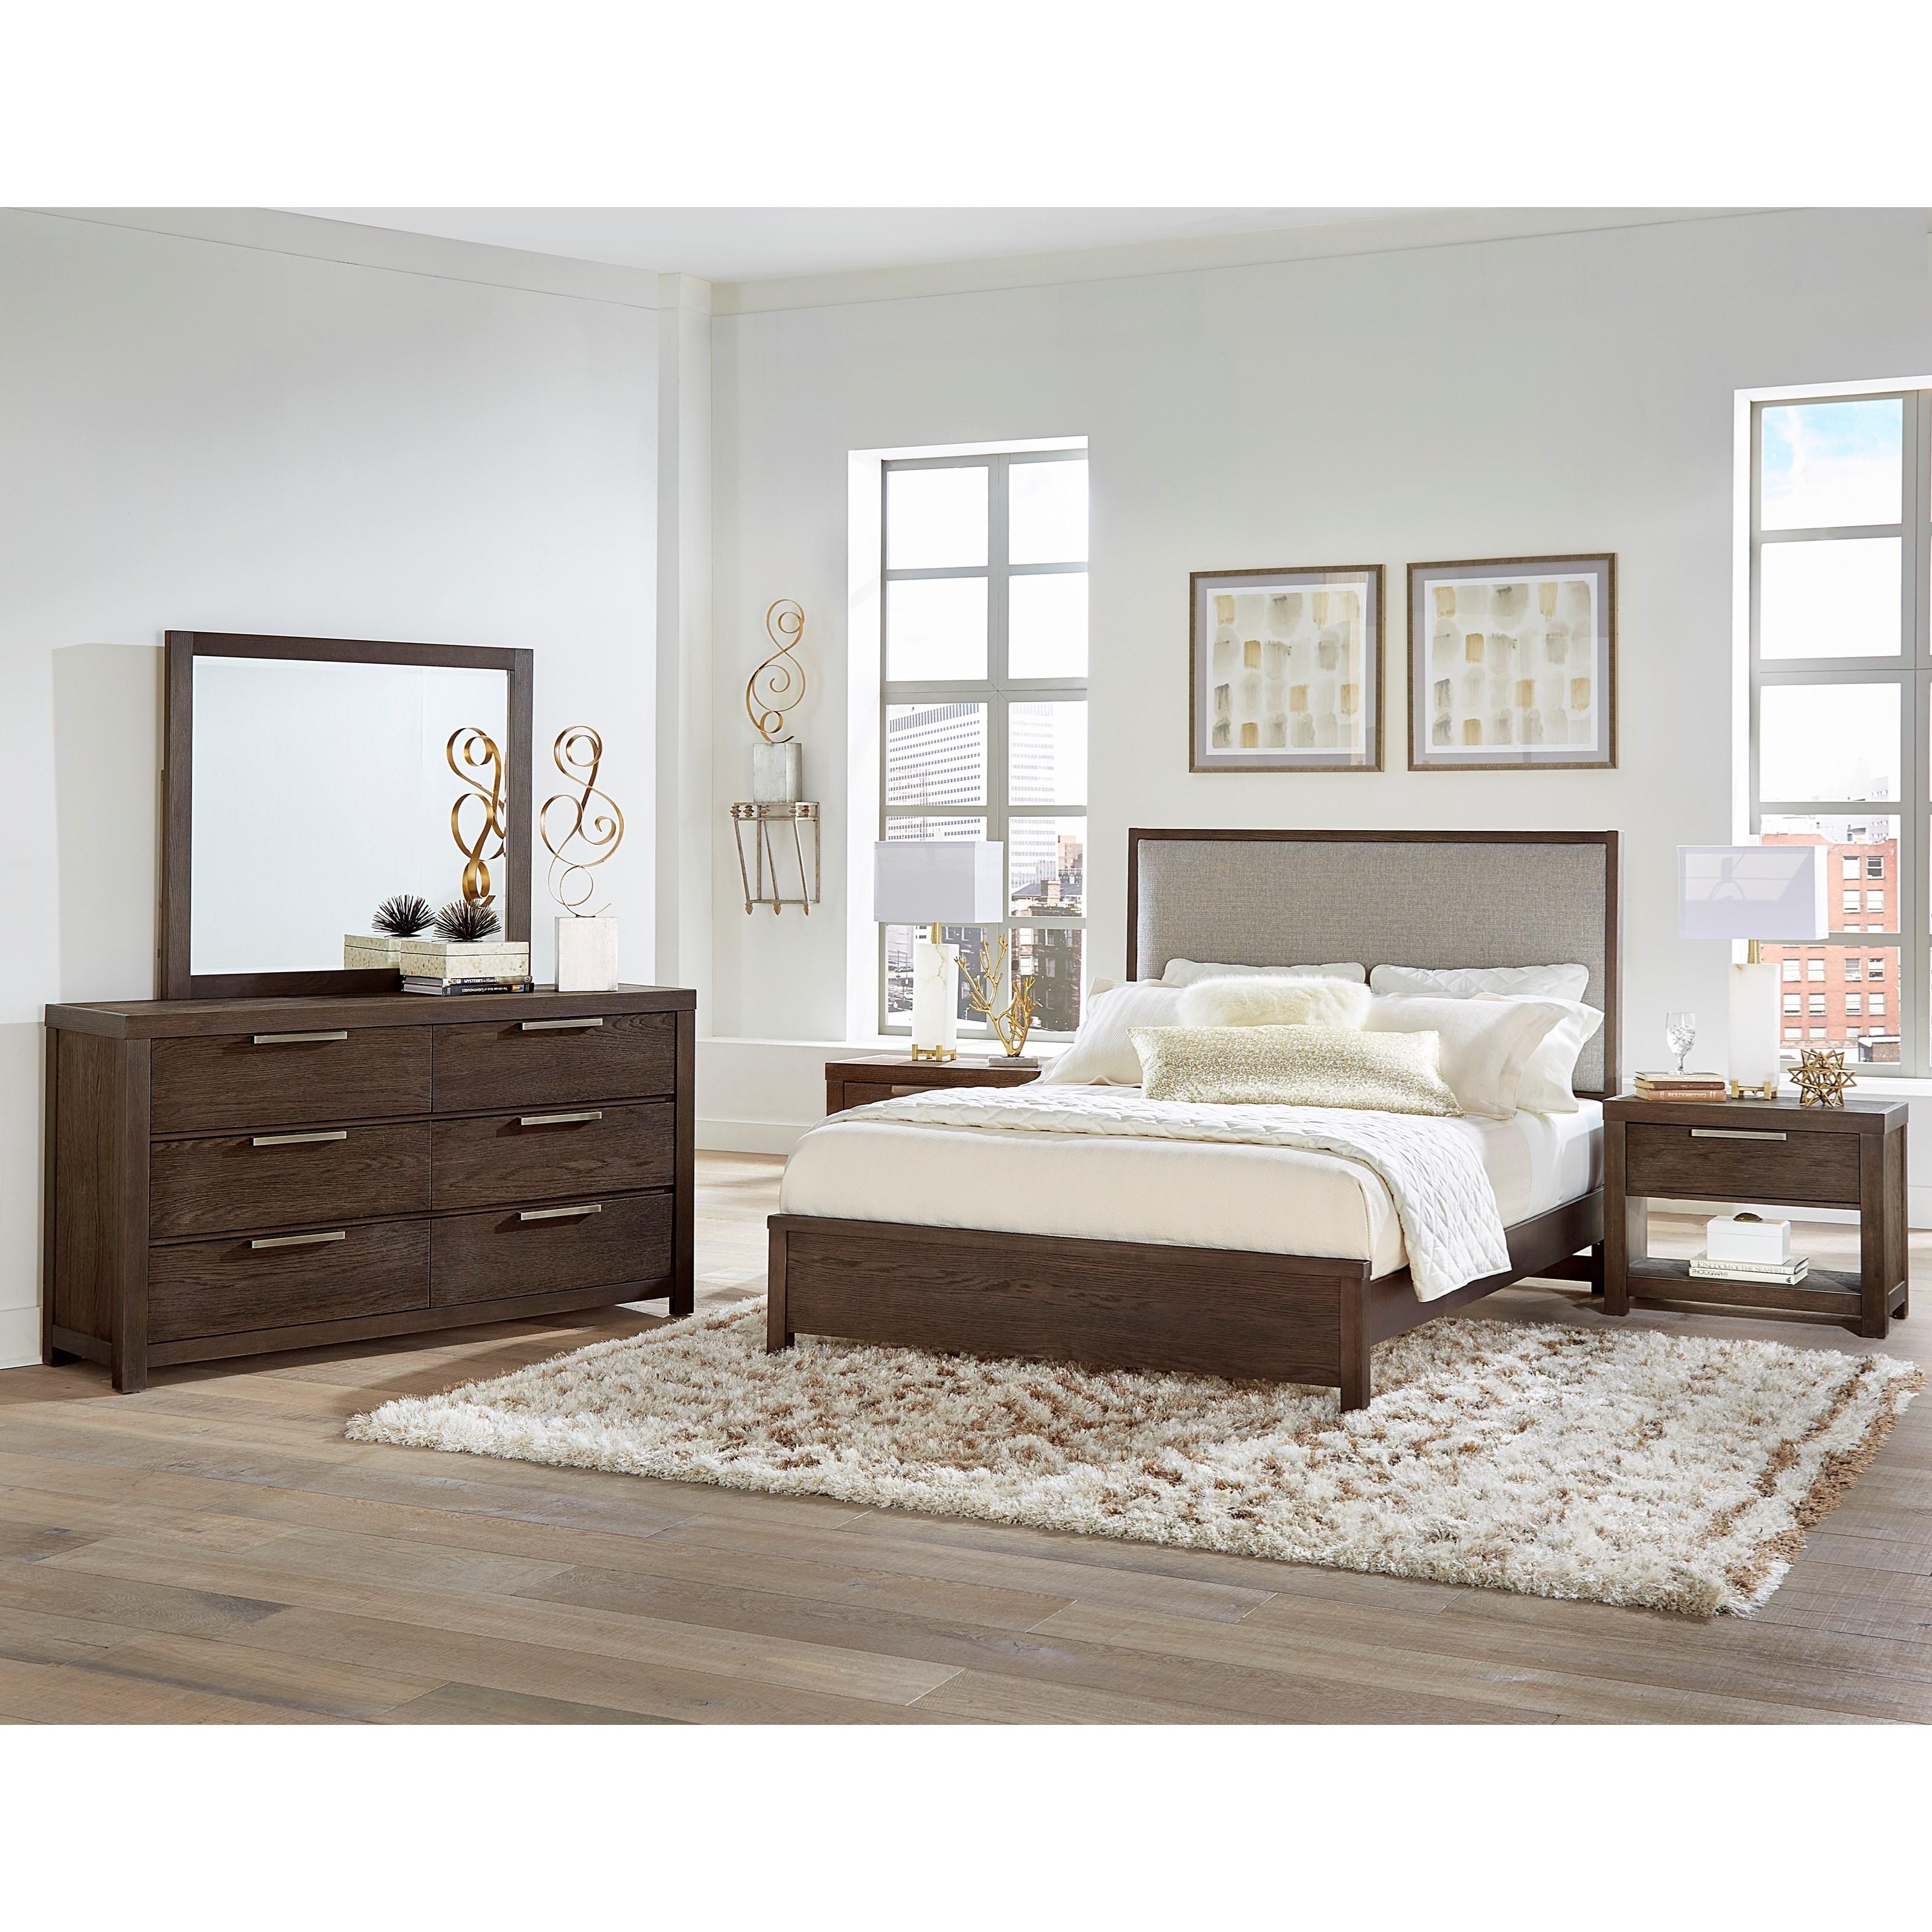 Vaughan Bassett American Modern King Bedroom Group - Item Number: 650 K Bedroom Group 1